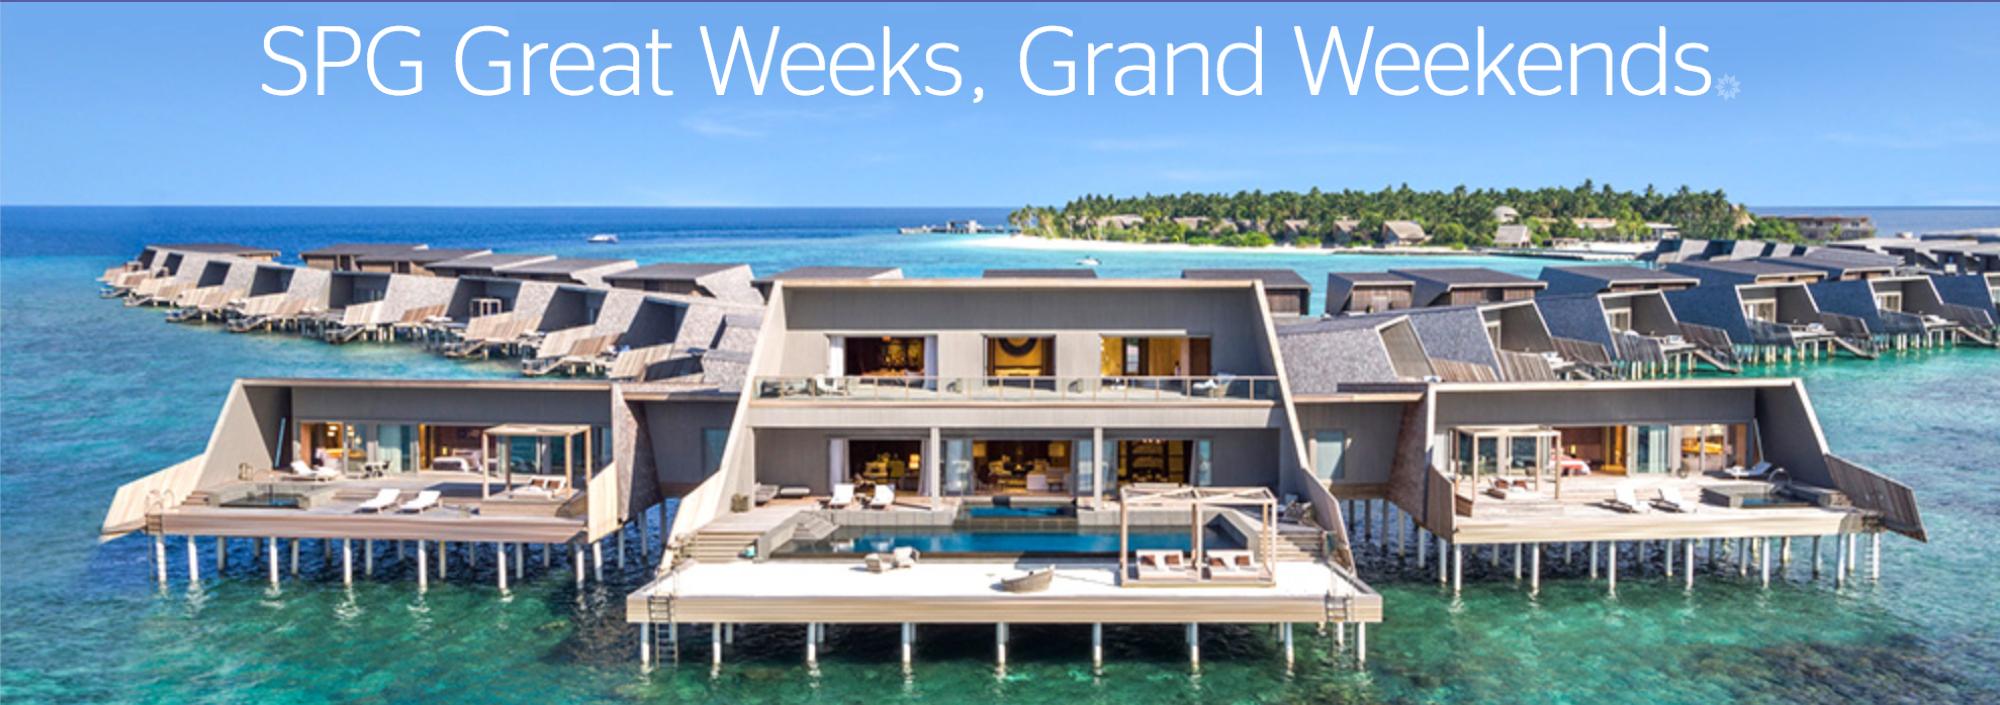 SPG Promotion Great Weeks Grand Weekends